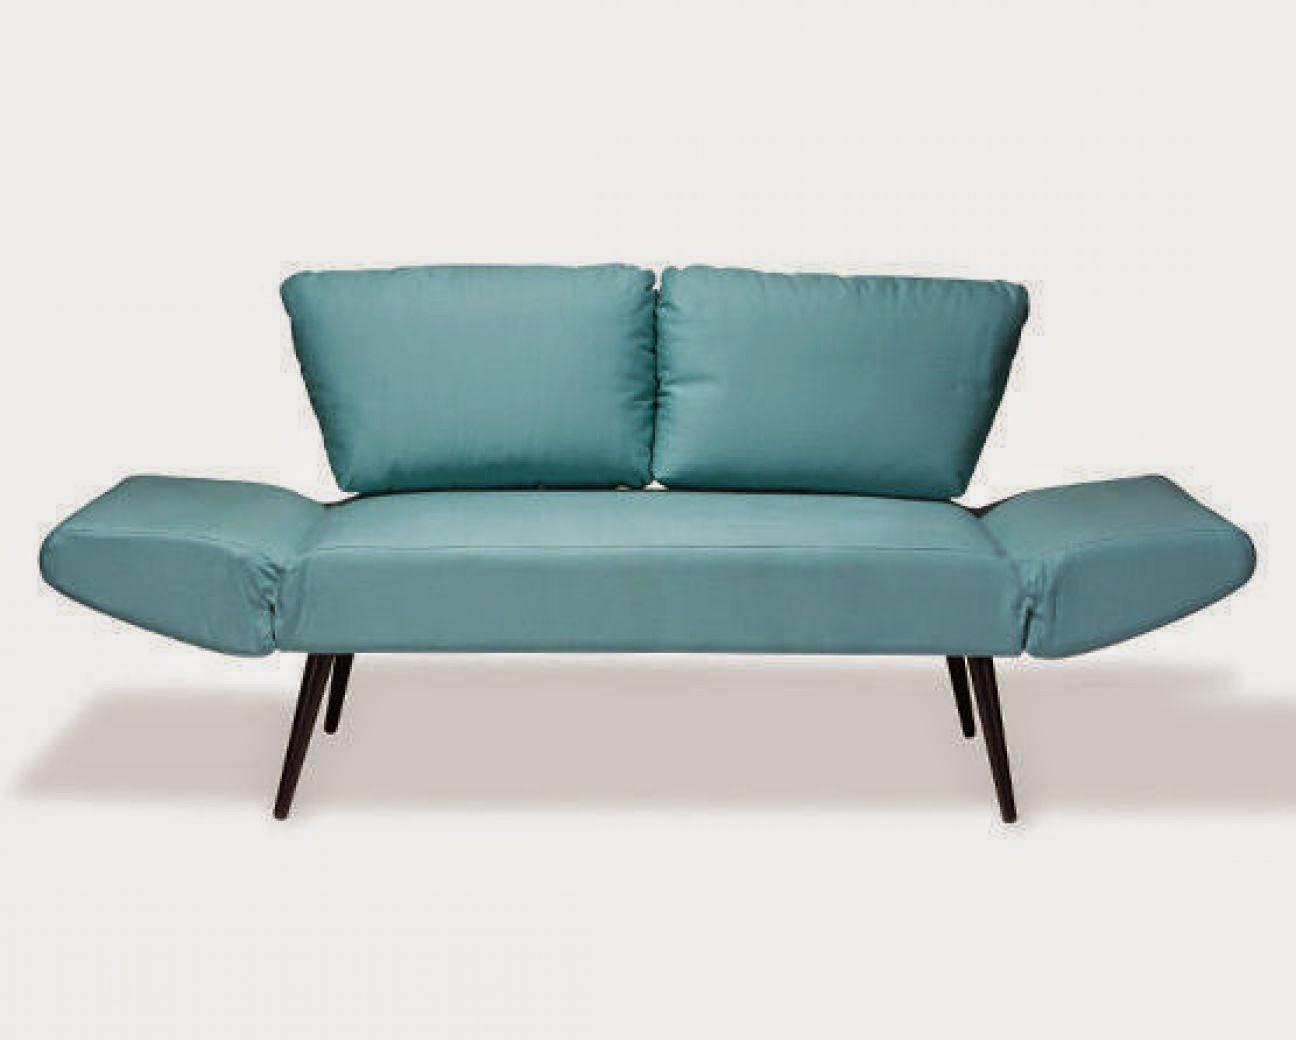 Decora o sof s e decora o de apartamentos for Sofa cama turquesa